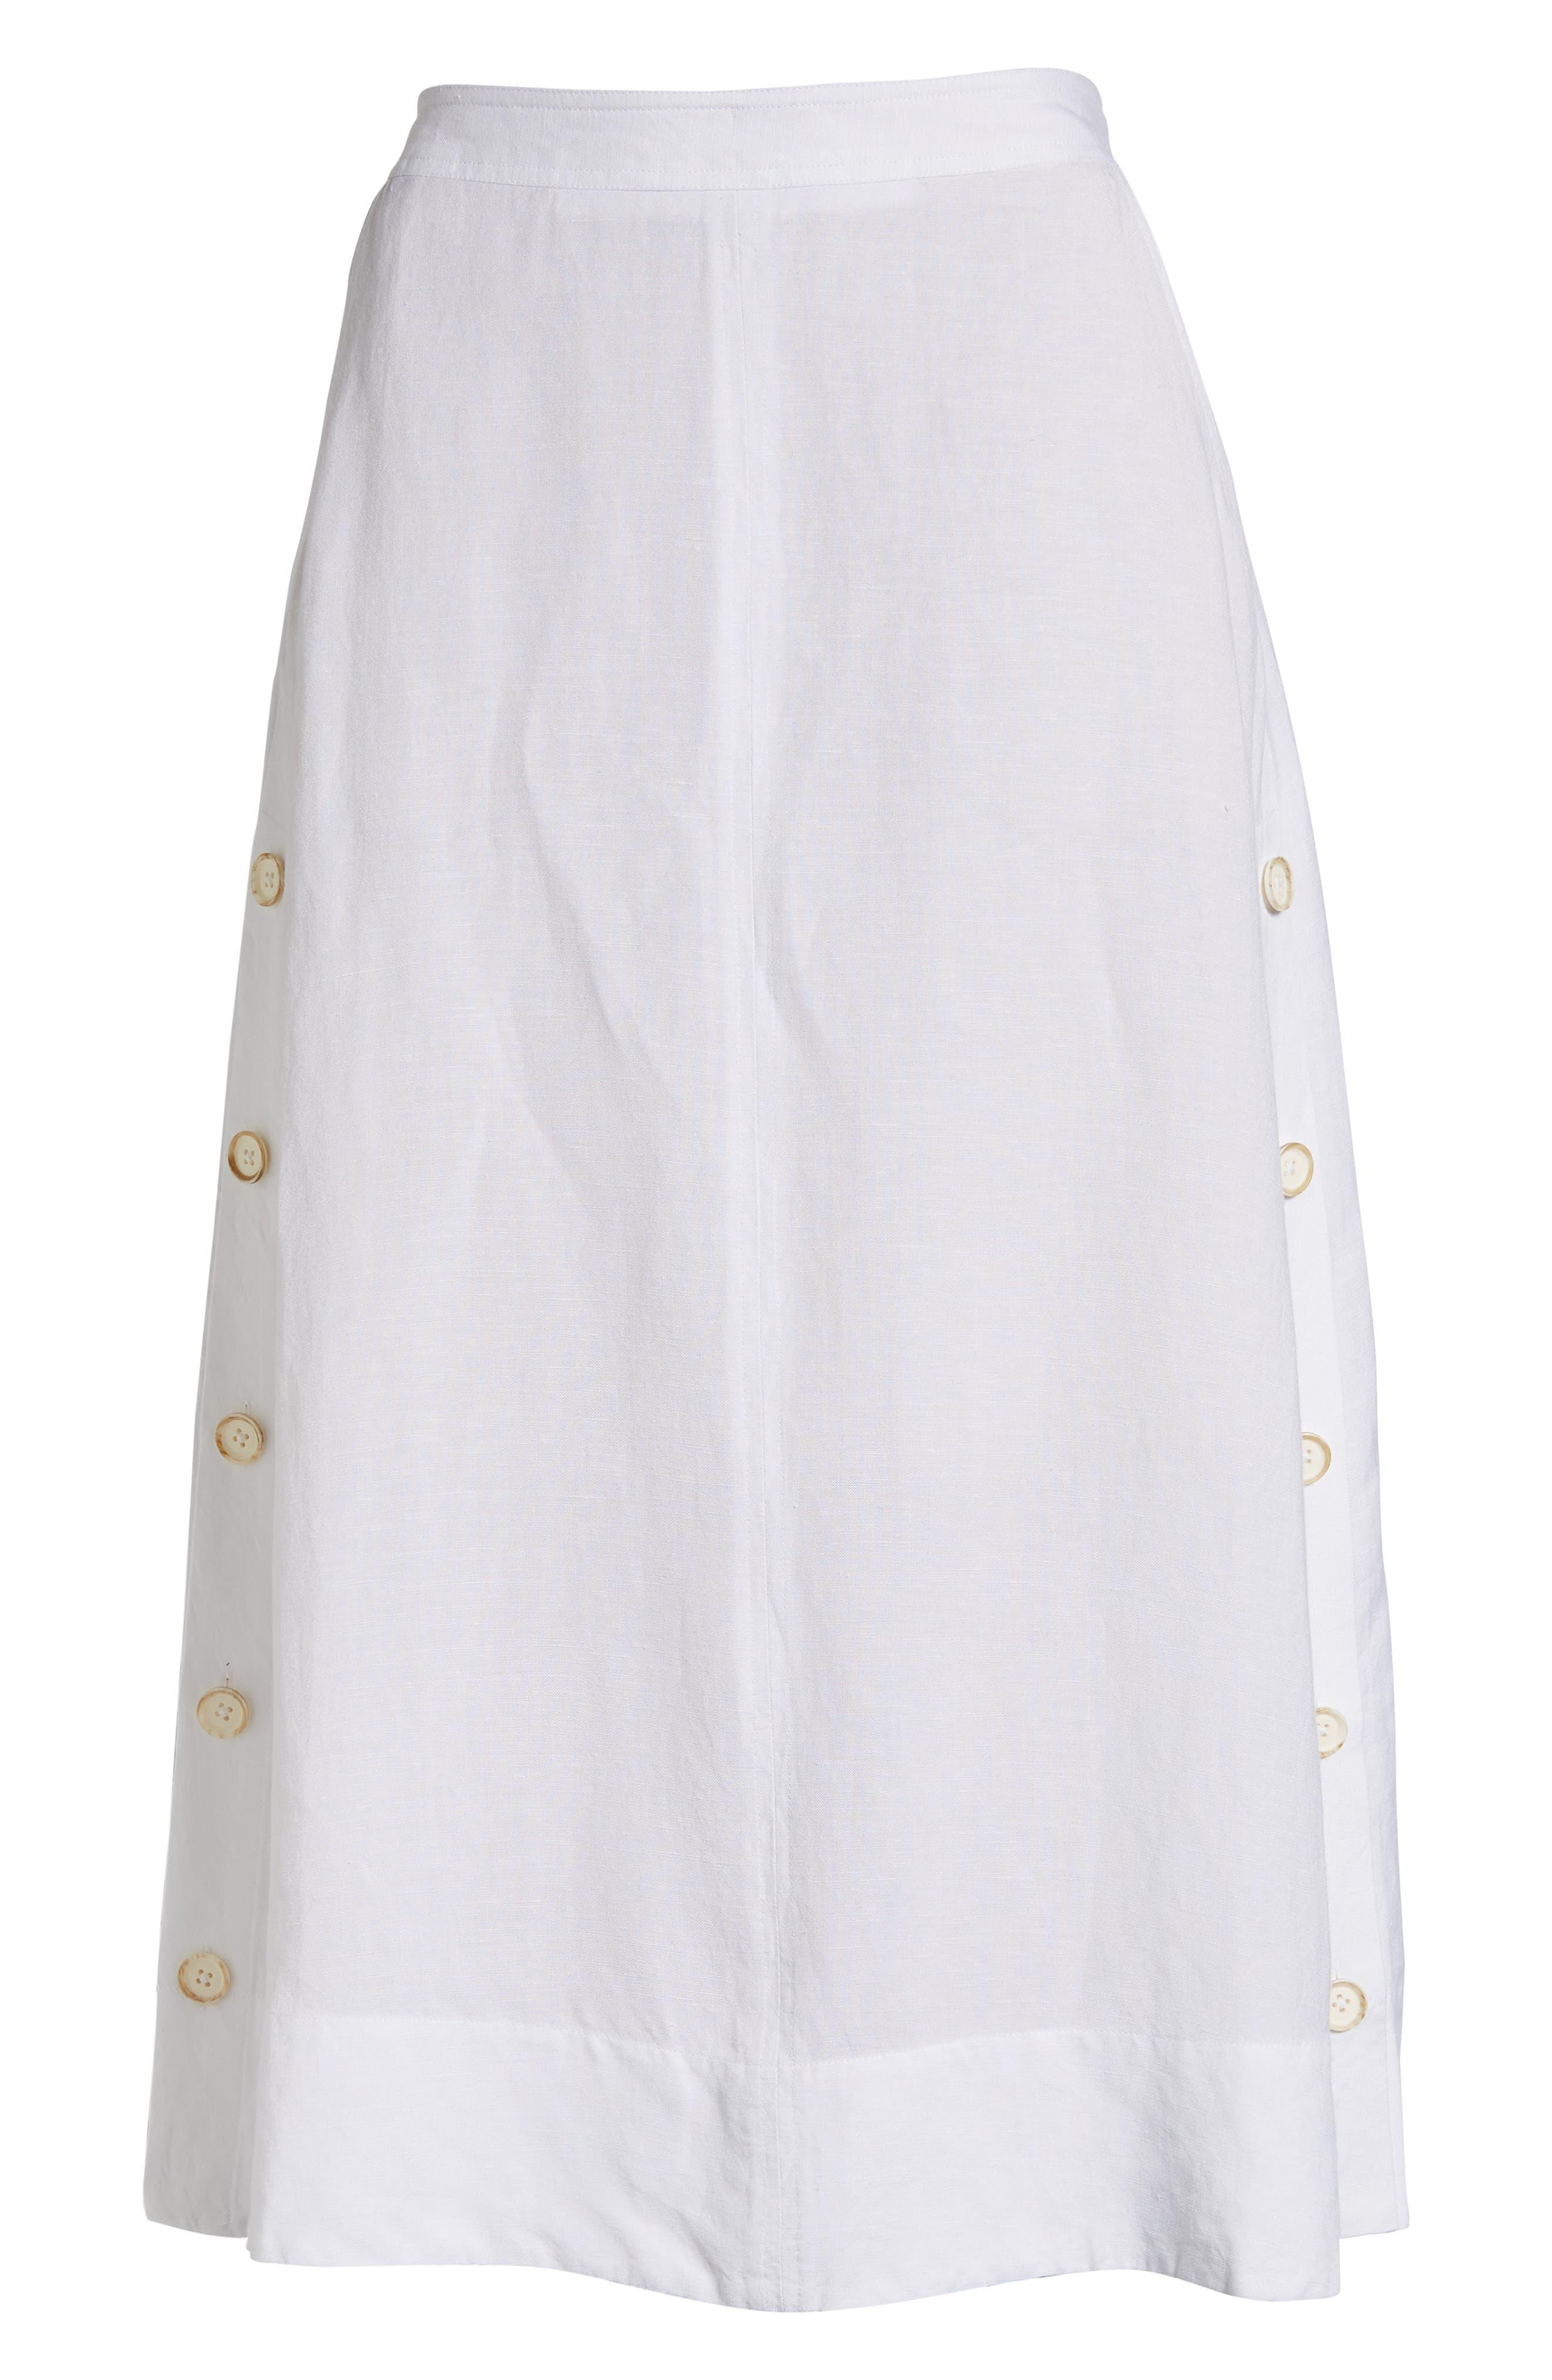 Front Runner Skirt,                             Alternate thumbnail 6, color,                             PAPER WHITE